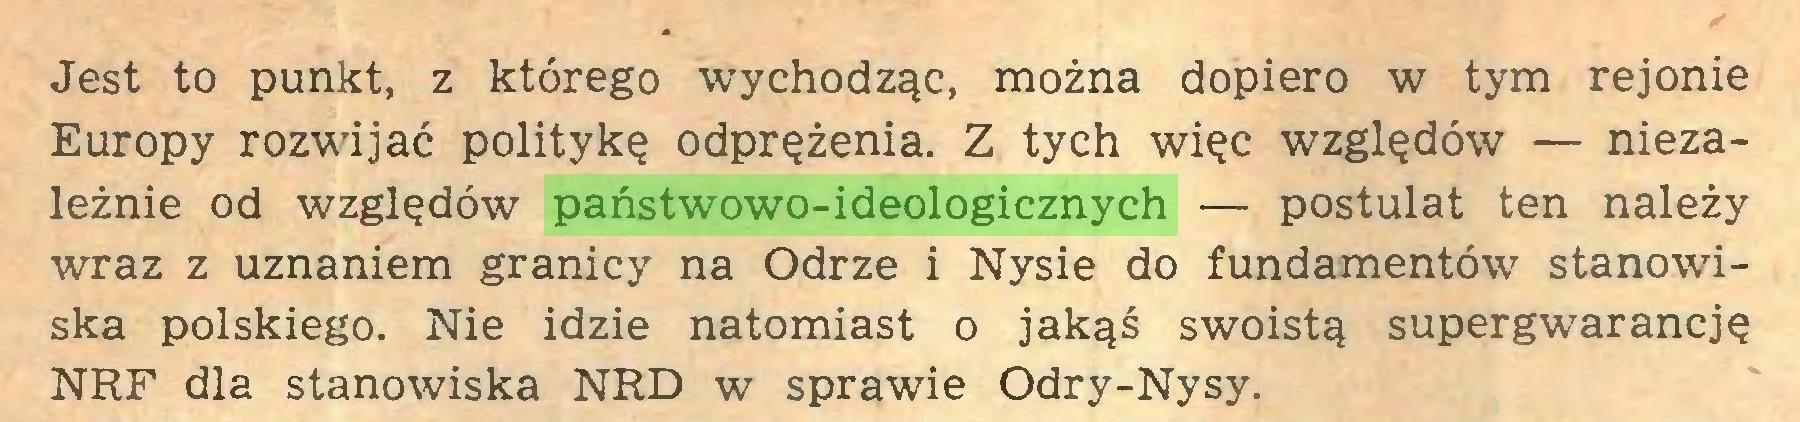 (...) Jest to punkt, z którego wychodząc, można dopiero w tym rejonie Europy rozwijać politykę odprężenia. Z tych więc względów — niezależnie od względów państwowo-ideologicznych — postulat ten należy wraz z uznaniem granicy na Odrze i Nysie do fundamentów stanowiska polskiego. Nie idzie natomiast o jakąś swoistą supergwarancję NRF dla stanowiska NRD w sprawie Odry-Nysy...